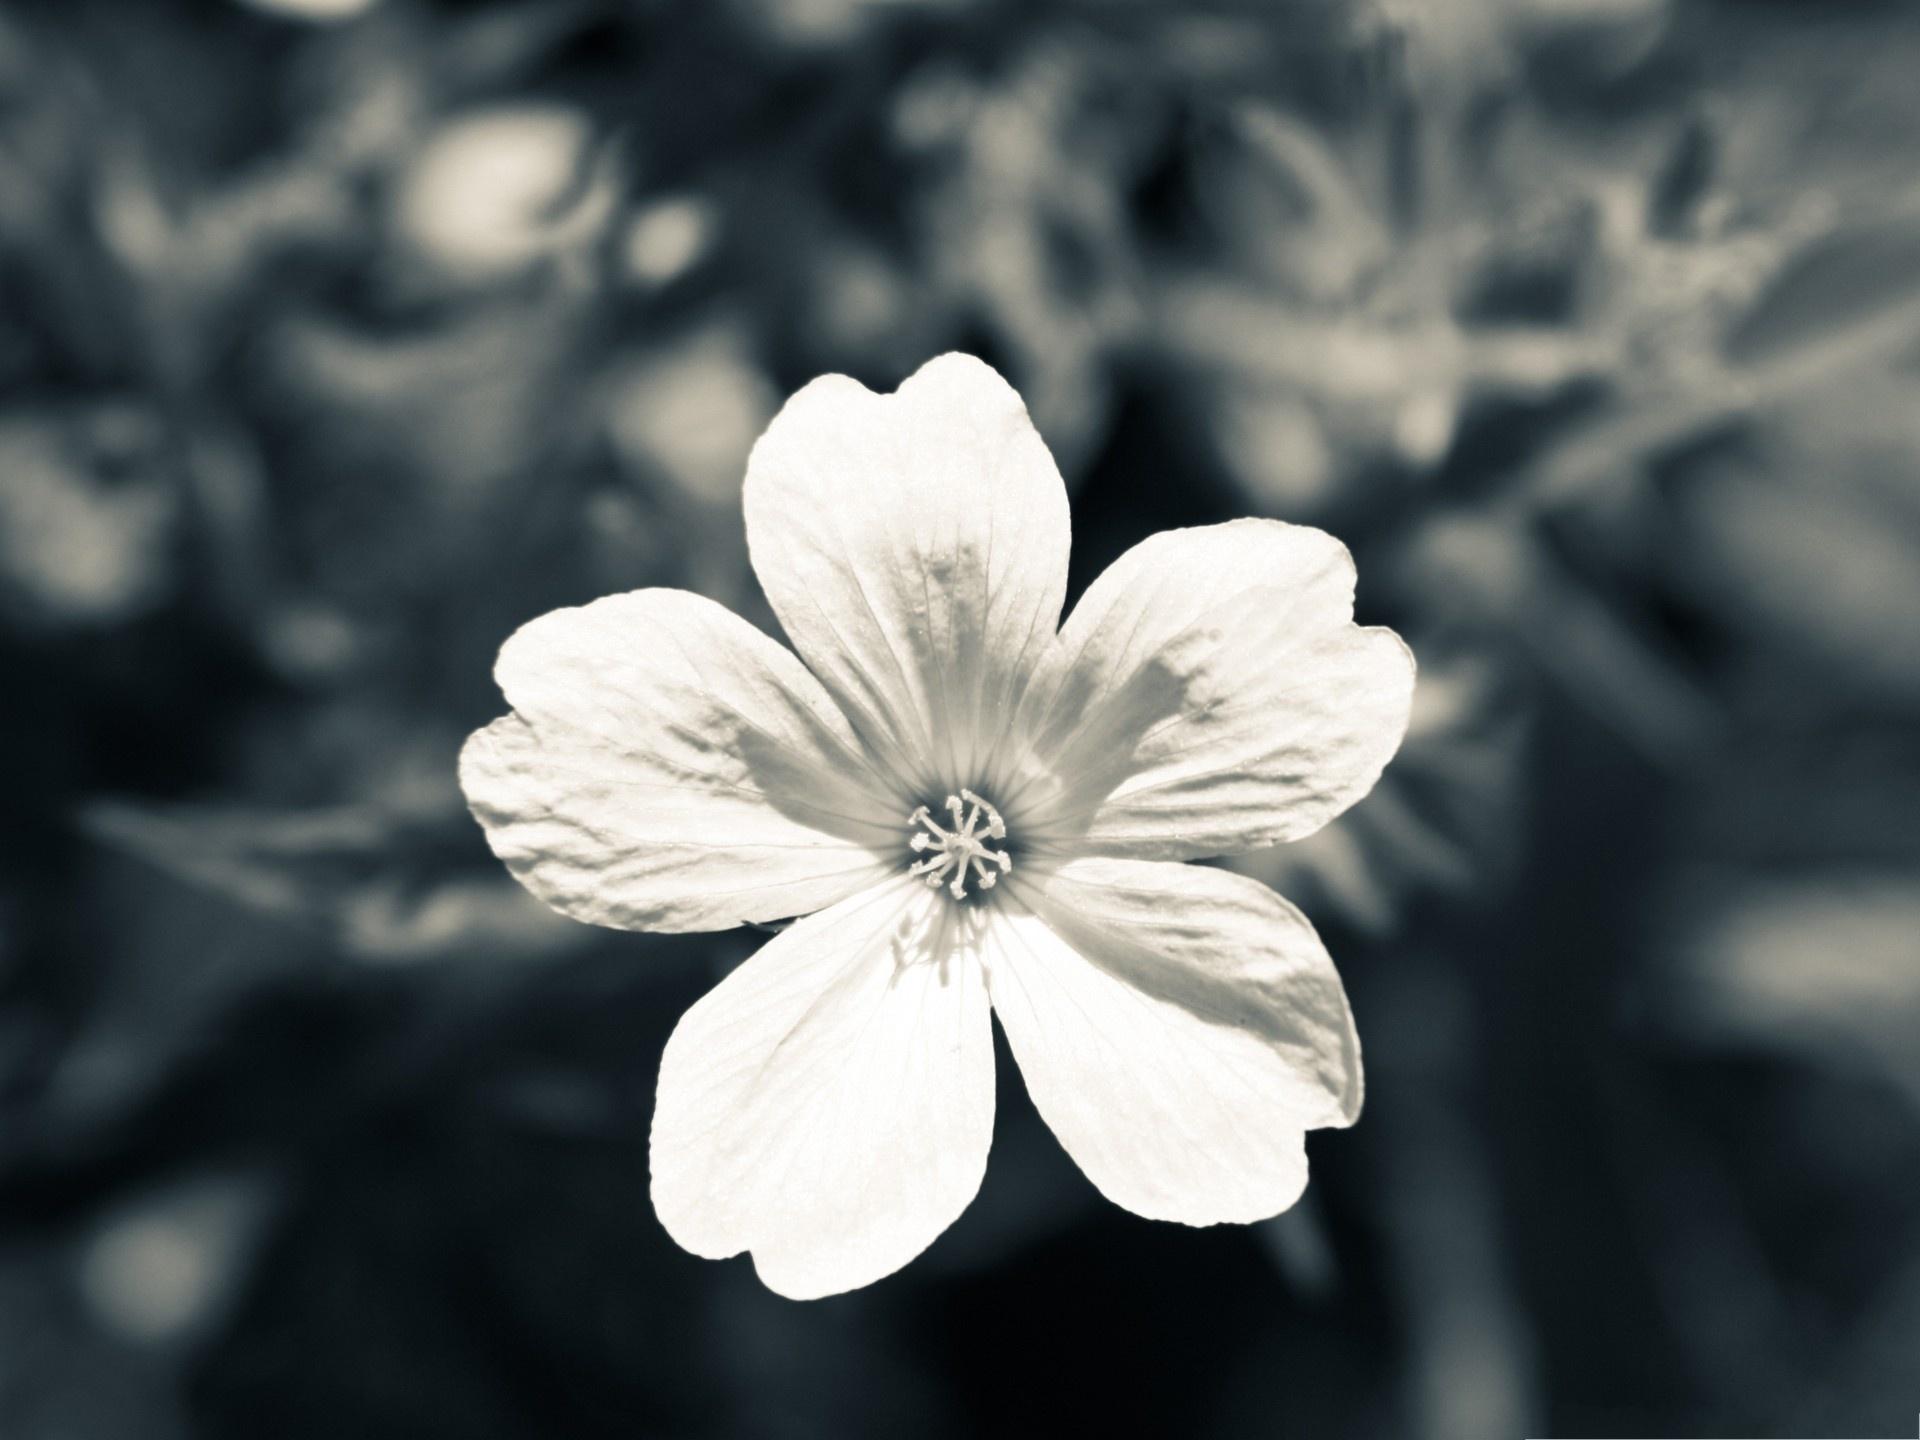 bloomed white roses wallpaper - photo #28